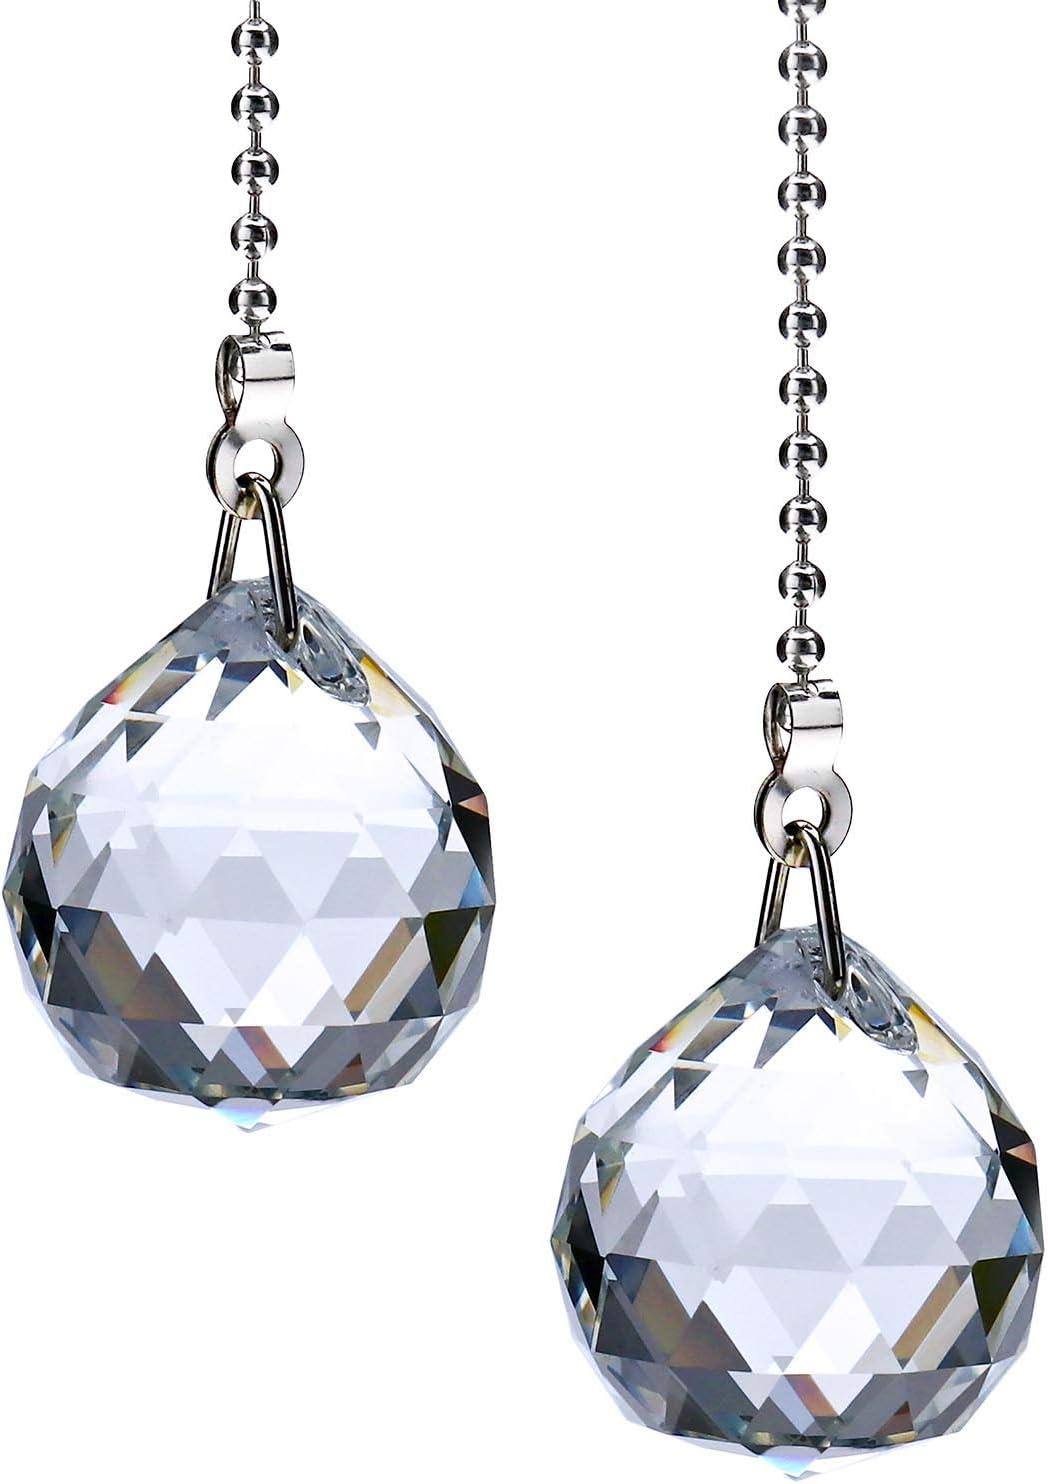 2 cadenas de extensión de cristal chapado en níquel con colgante de bola de cristal ajustable de 1 m para ventiladores y luces